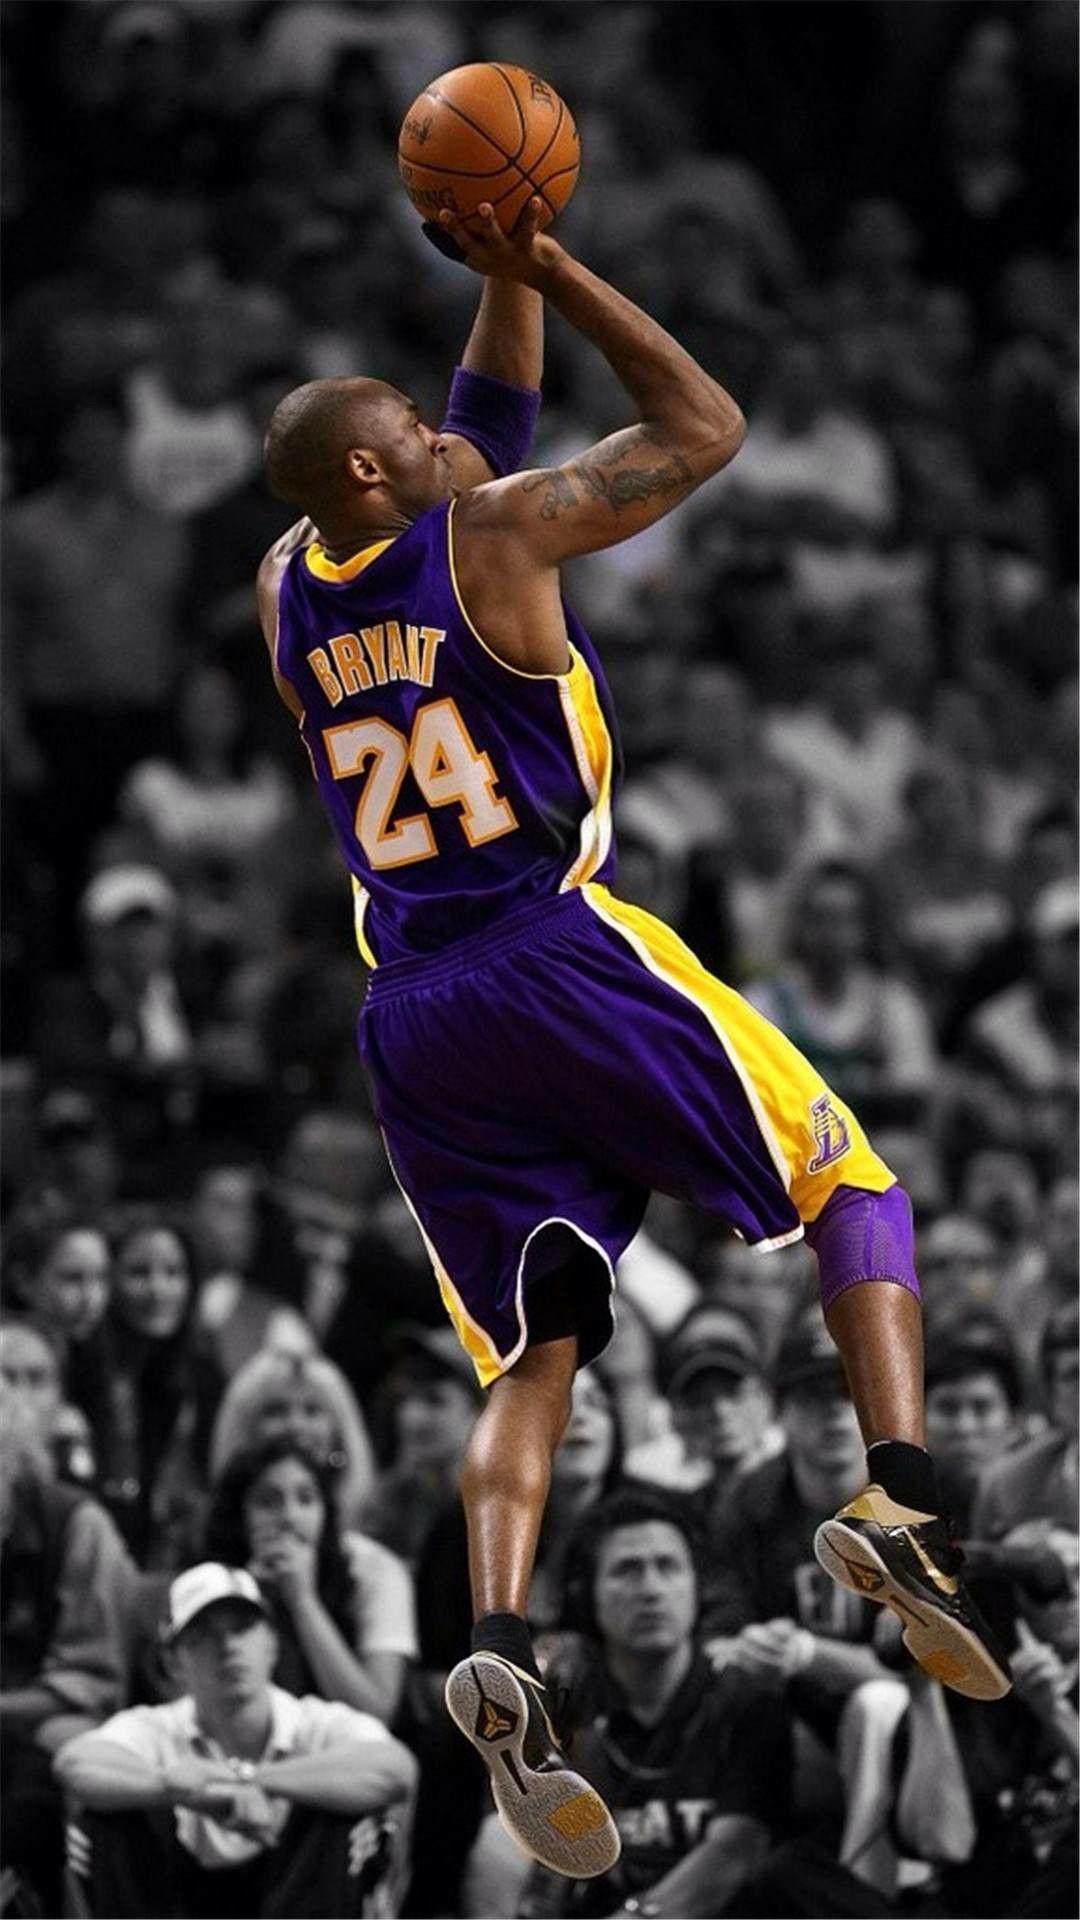 Kobe Bryant Shooting Kobe Bryant Wallpaper Lakers Kobe Bryant Kobe Bryant Pictures